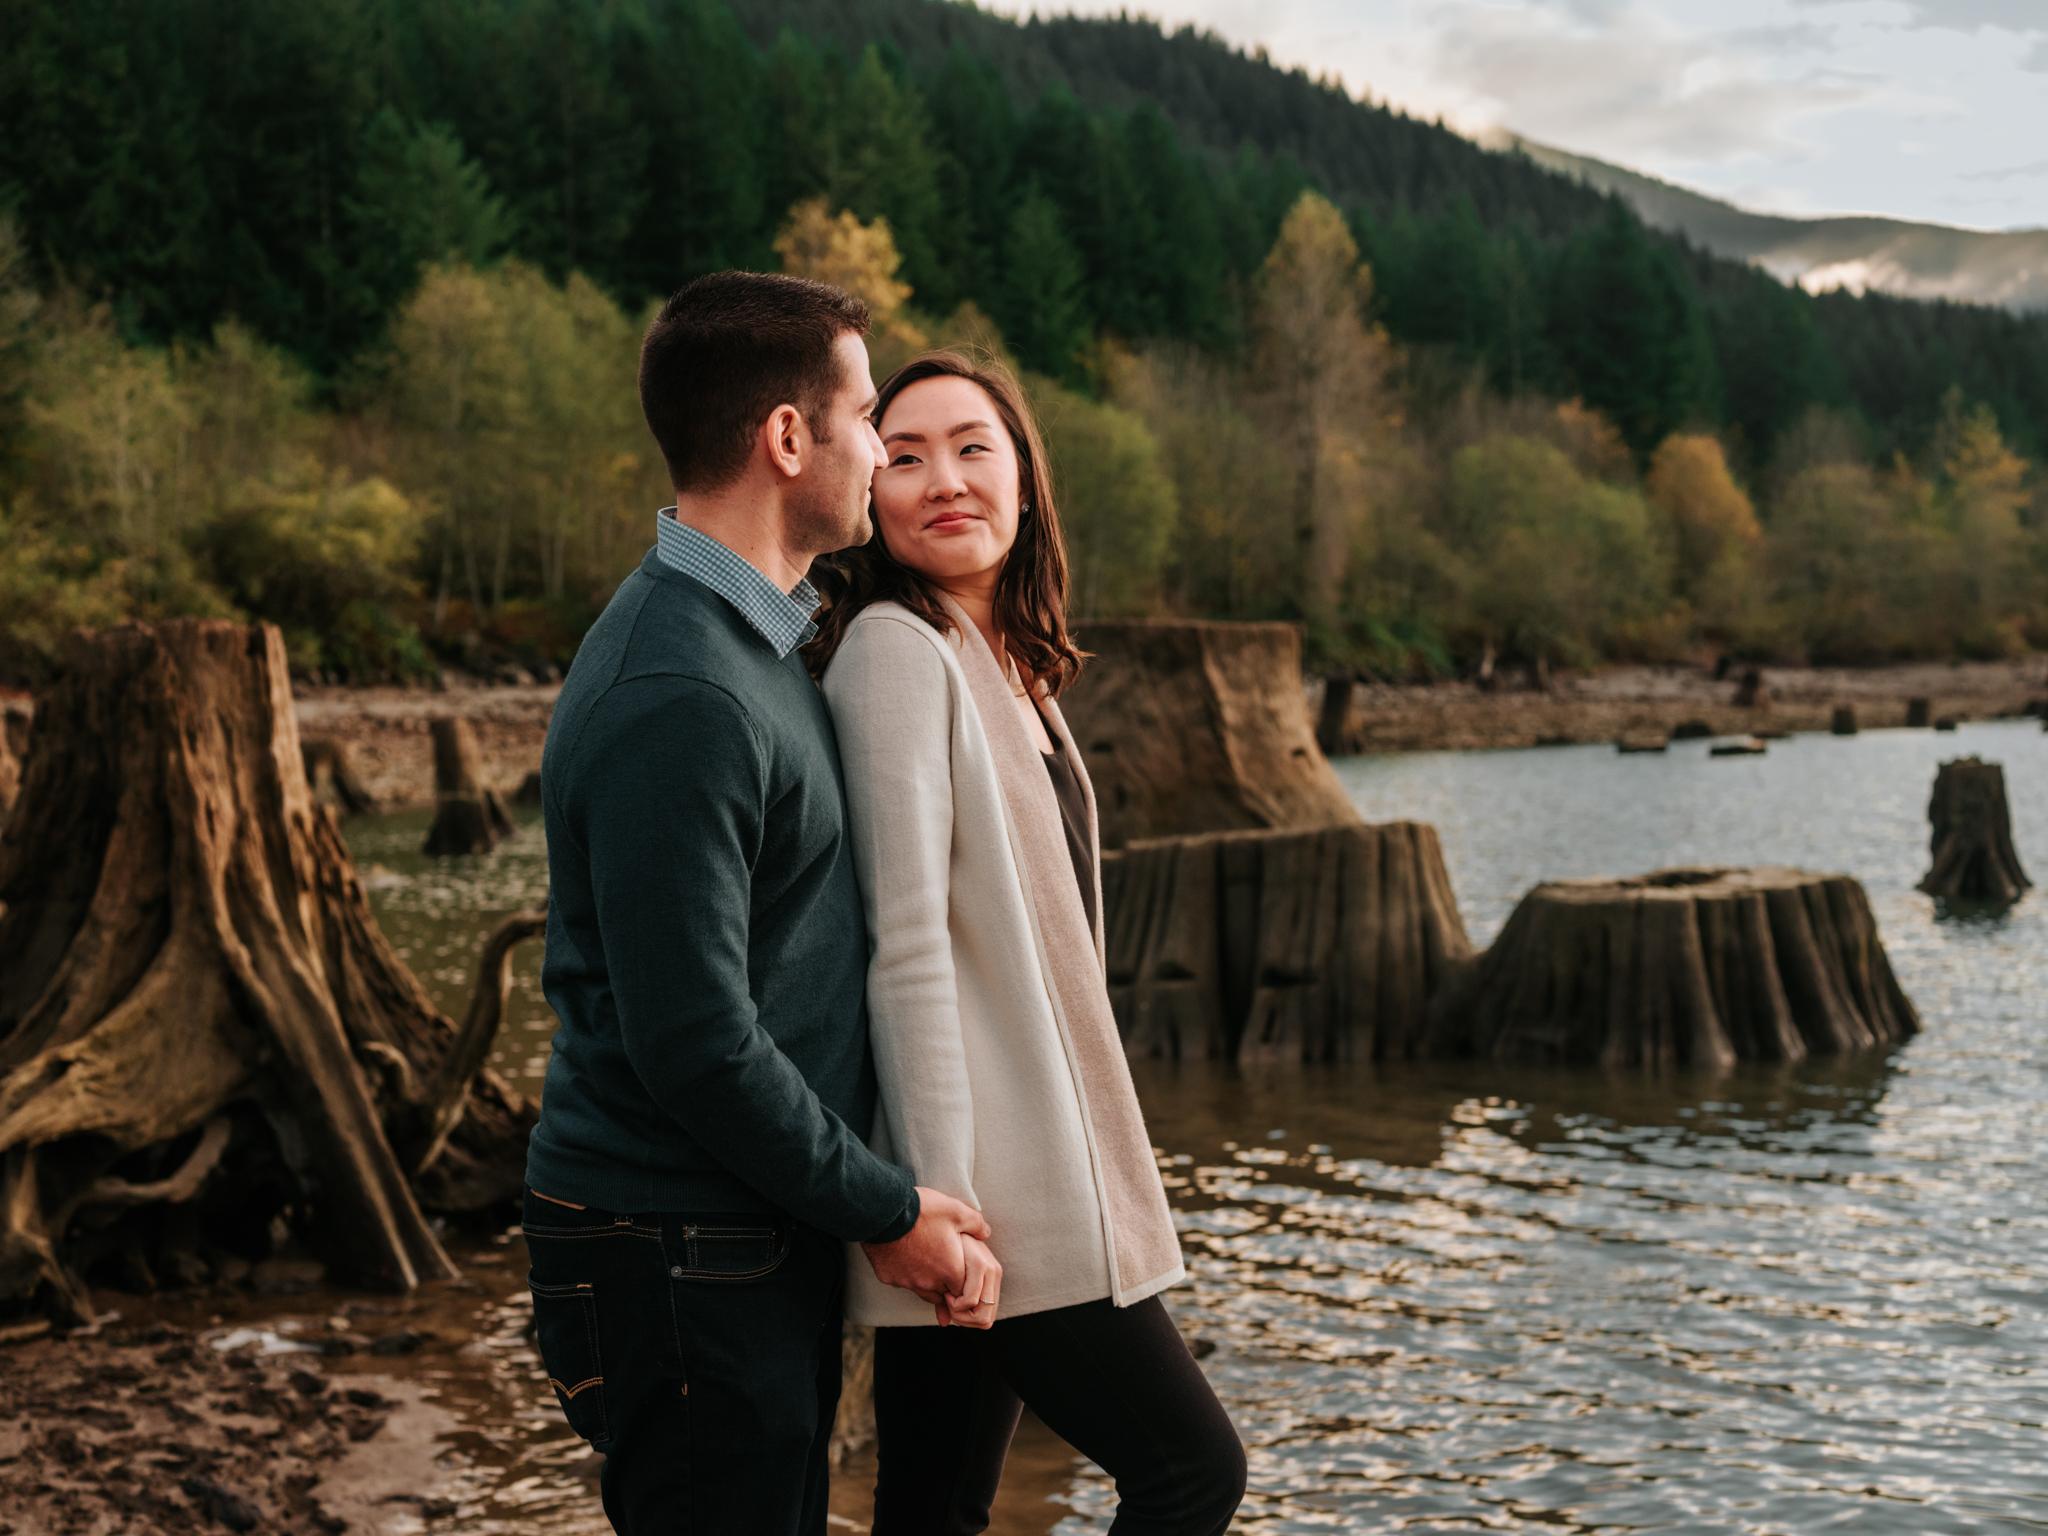 Seattle Engagement Photographer_Stolen Glimpses 38.jpg